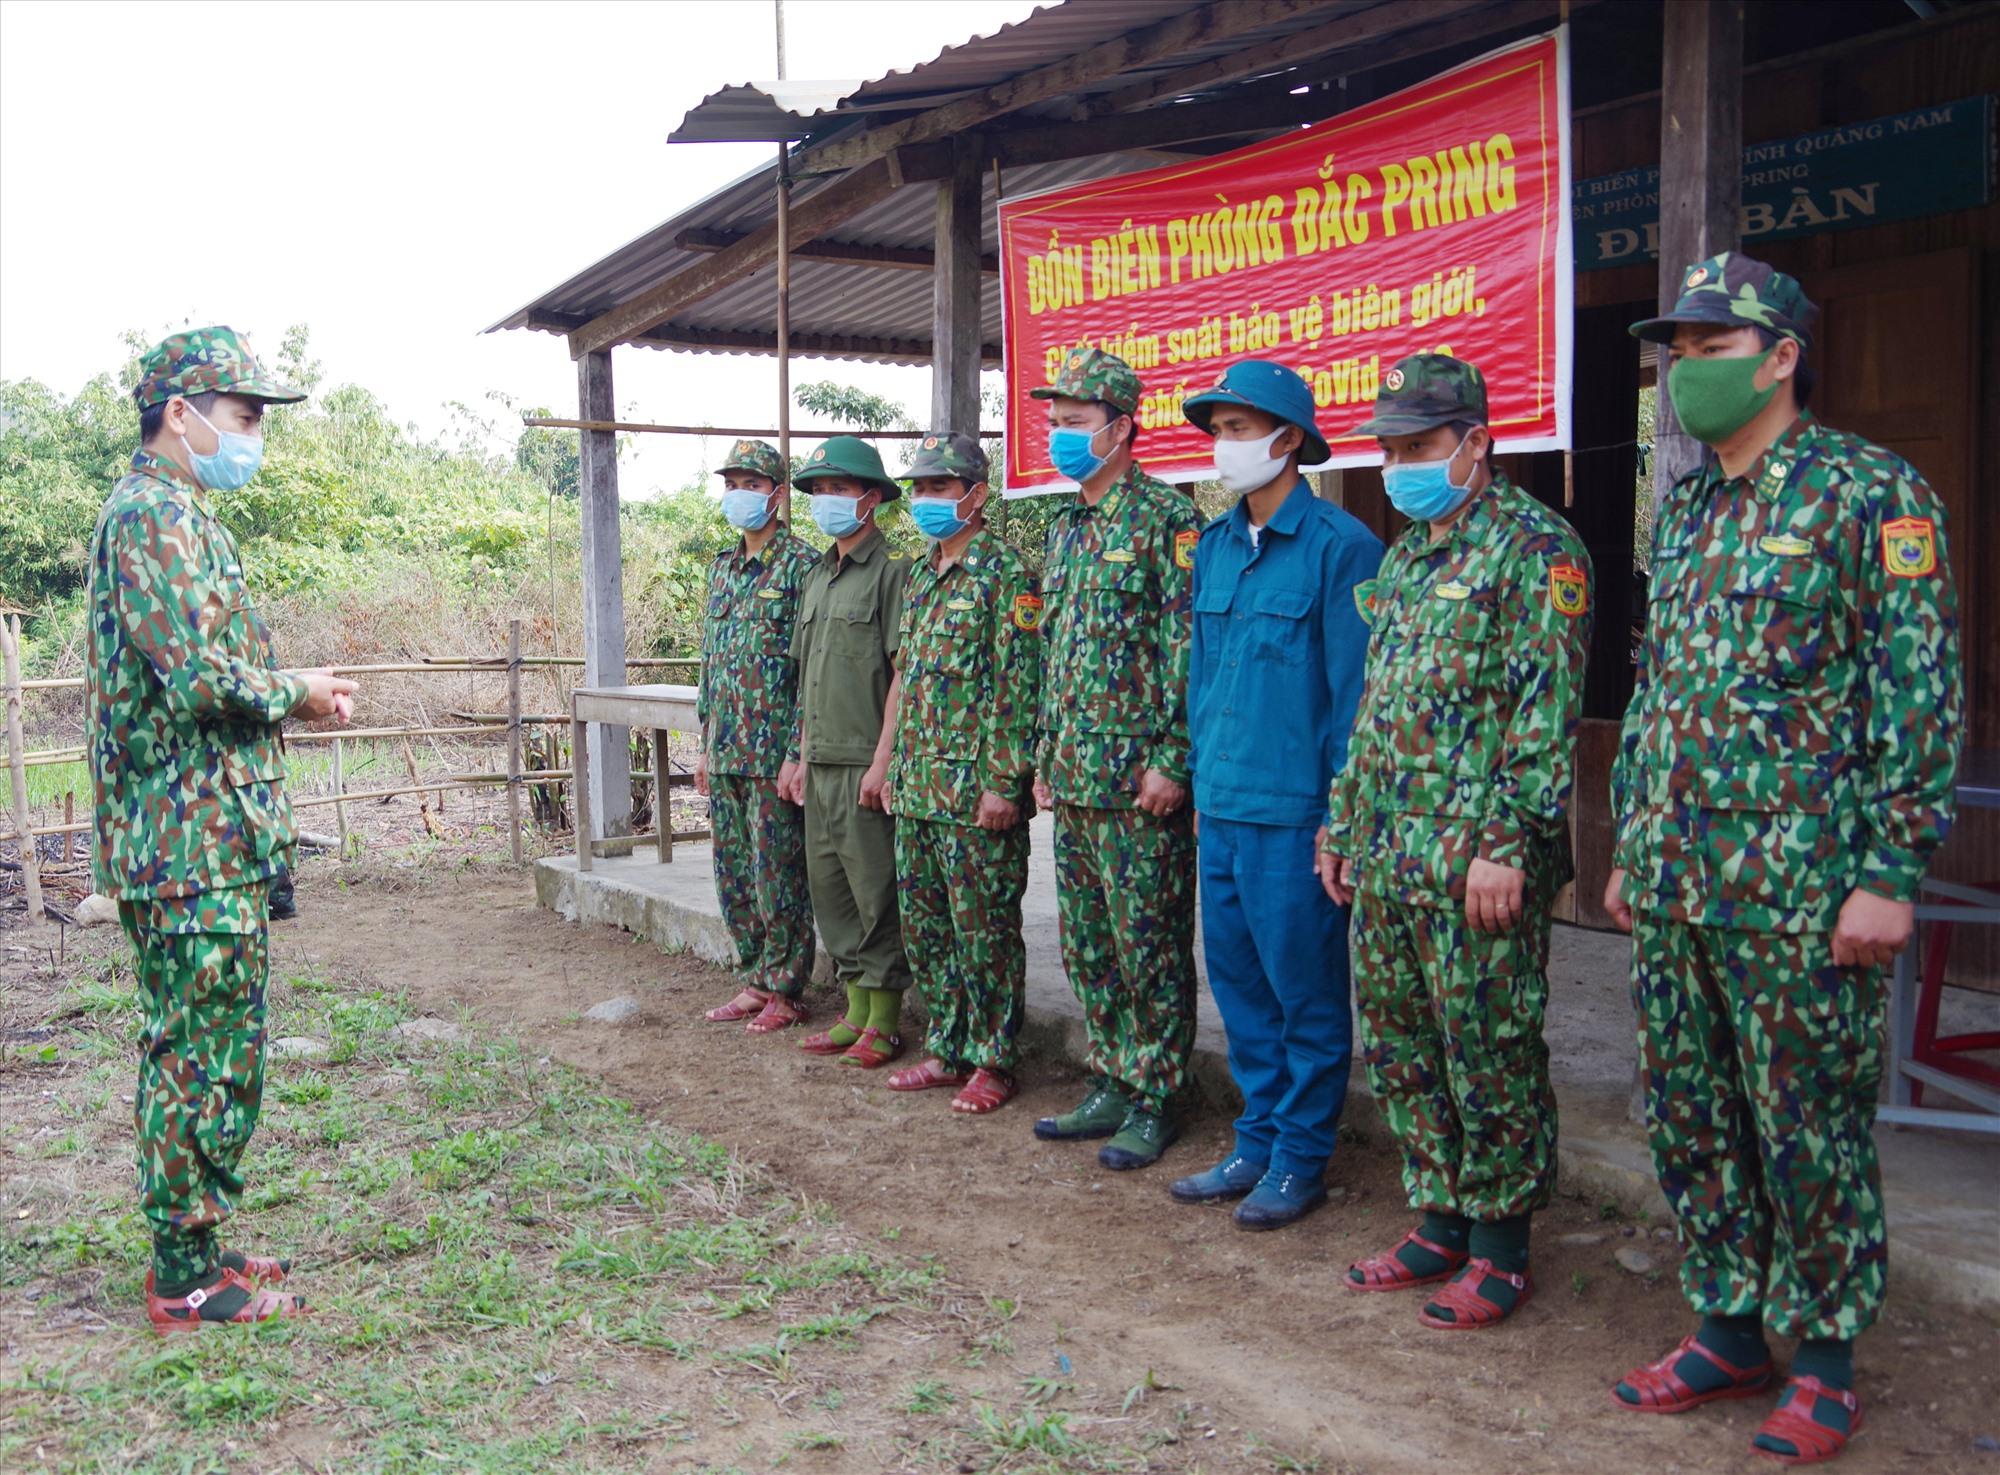 Thượng tá Hoàng Văn Mẫn - Chính ủy BĐBP tỉnh động viên lực lượng làm nhiệm vụ tại chốt Pêtapoót, xã Đắc Pring. Ảnh: HỒNG ANH